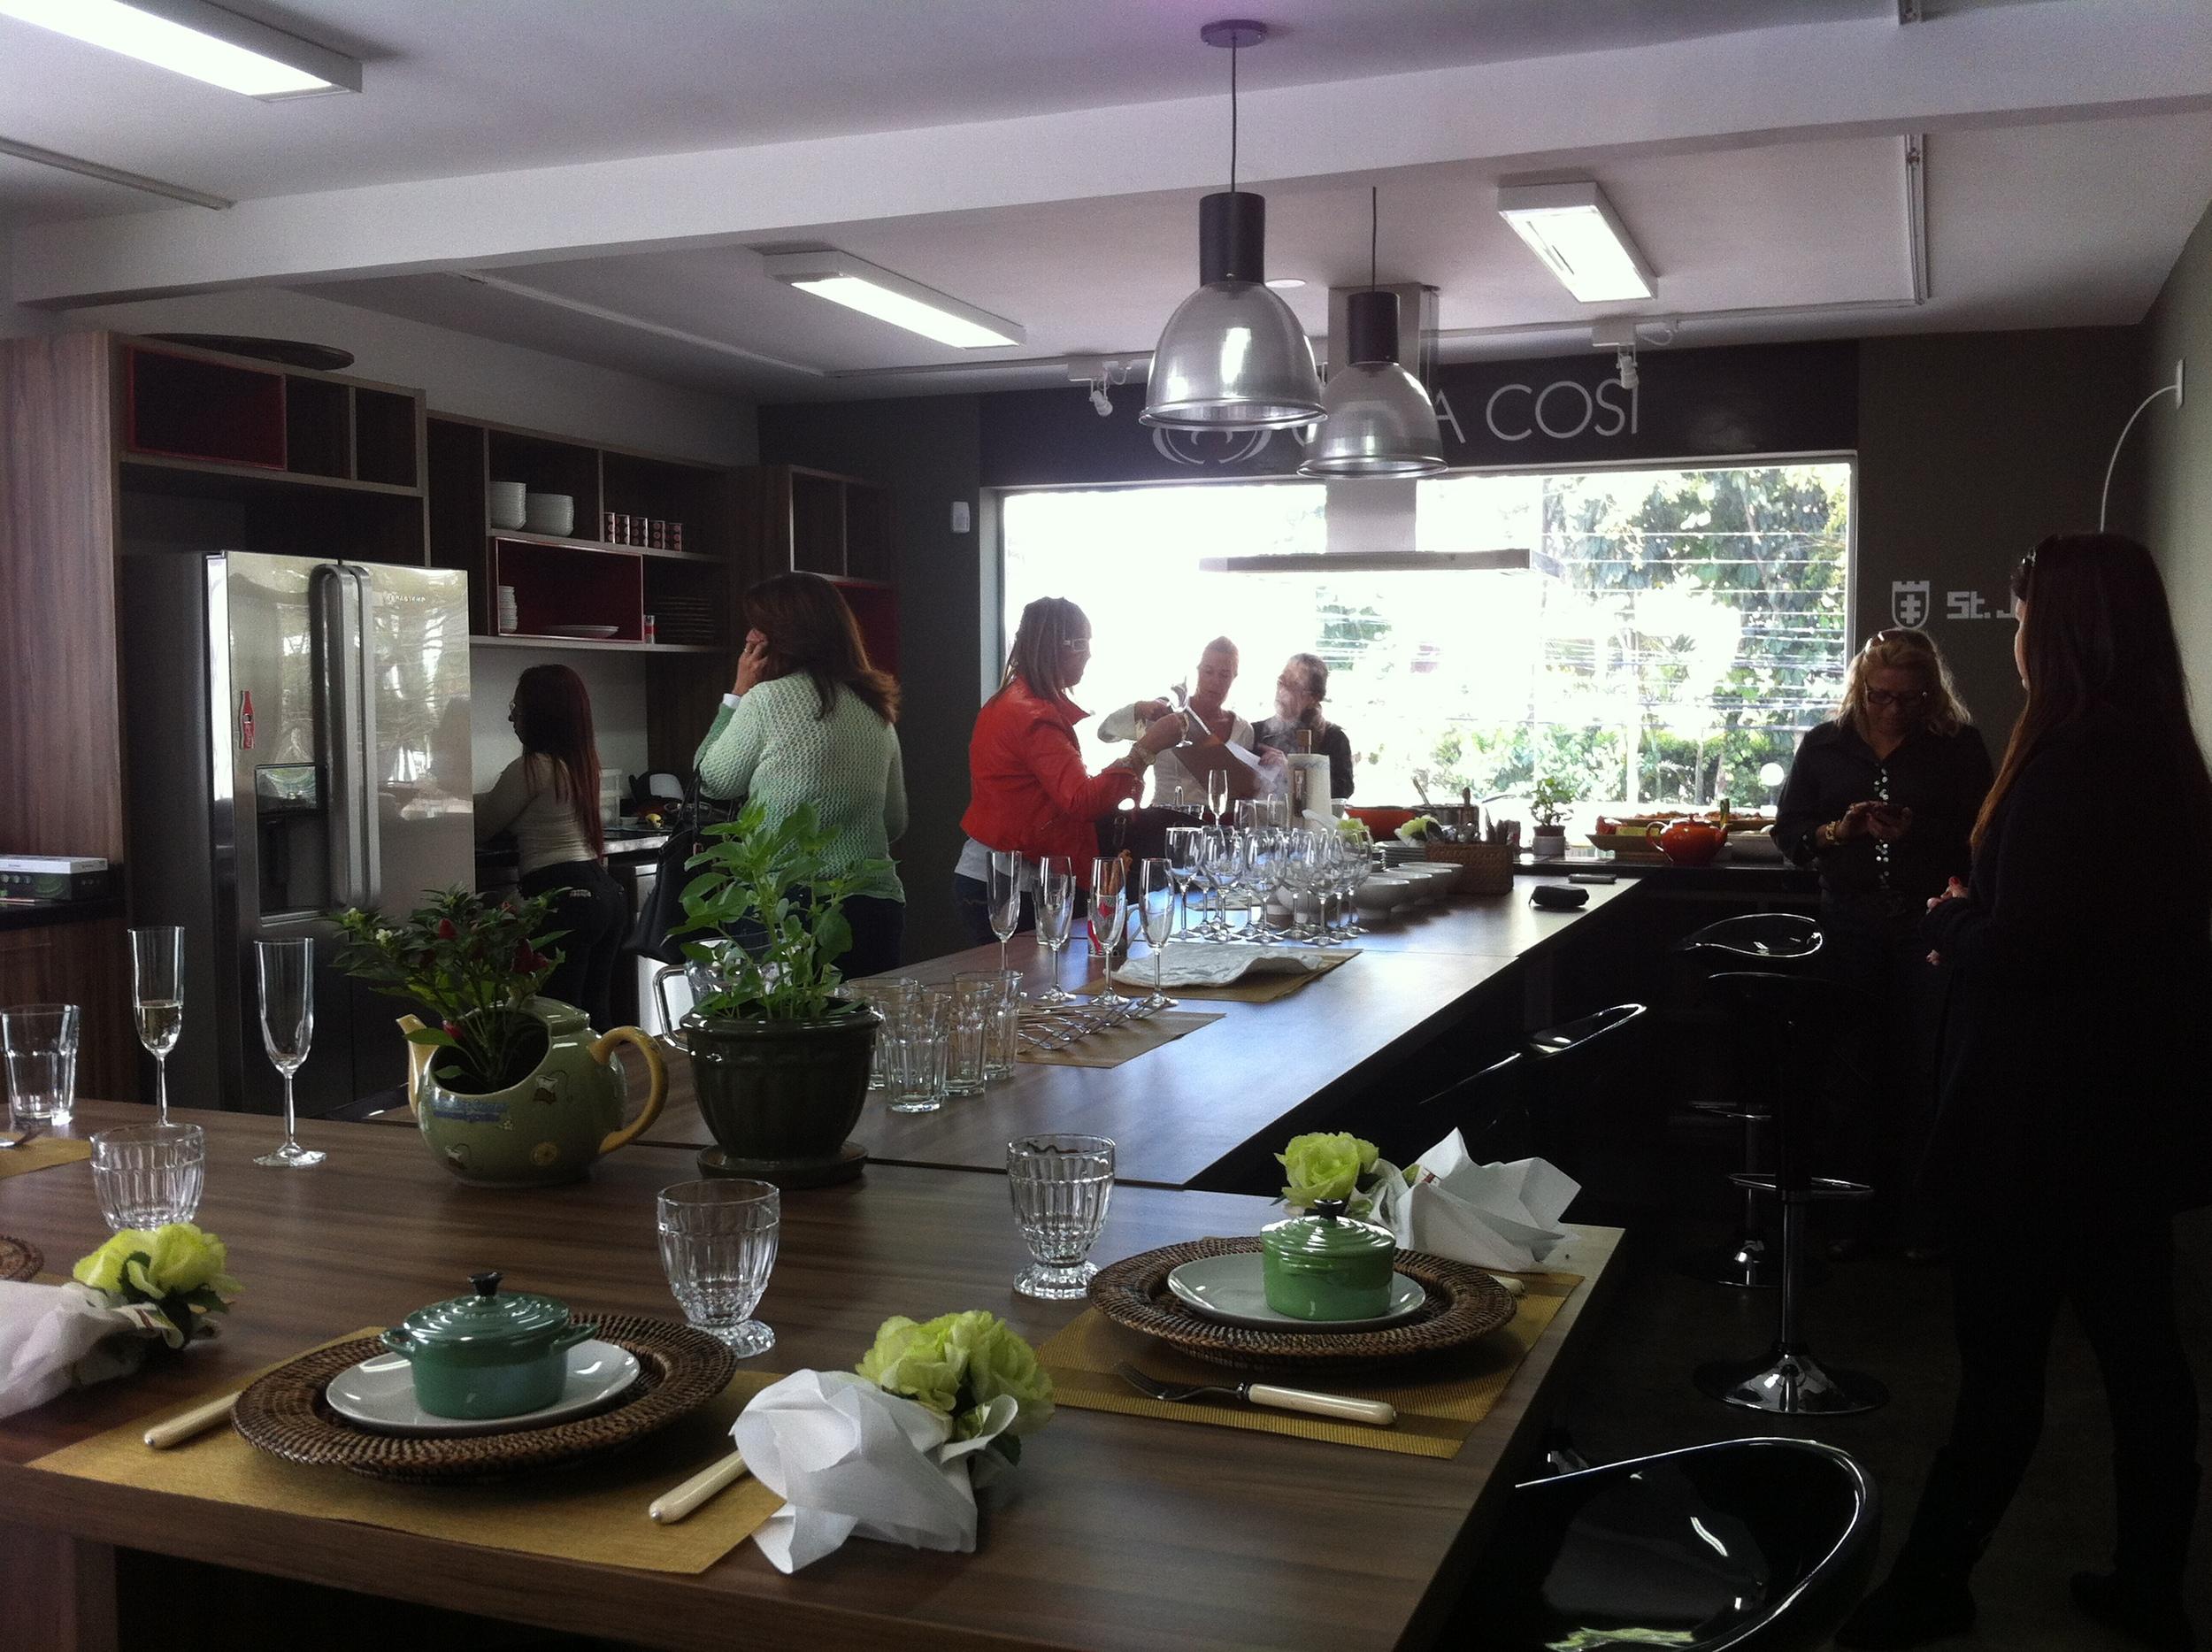 Espaço para cursos e almoços da Casa Cosí - Foto: Madi Arquitetura e Design